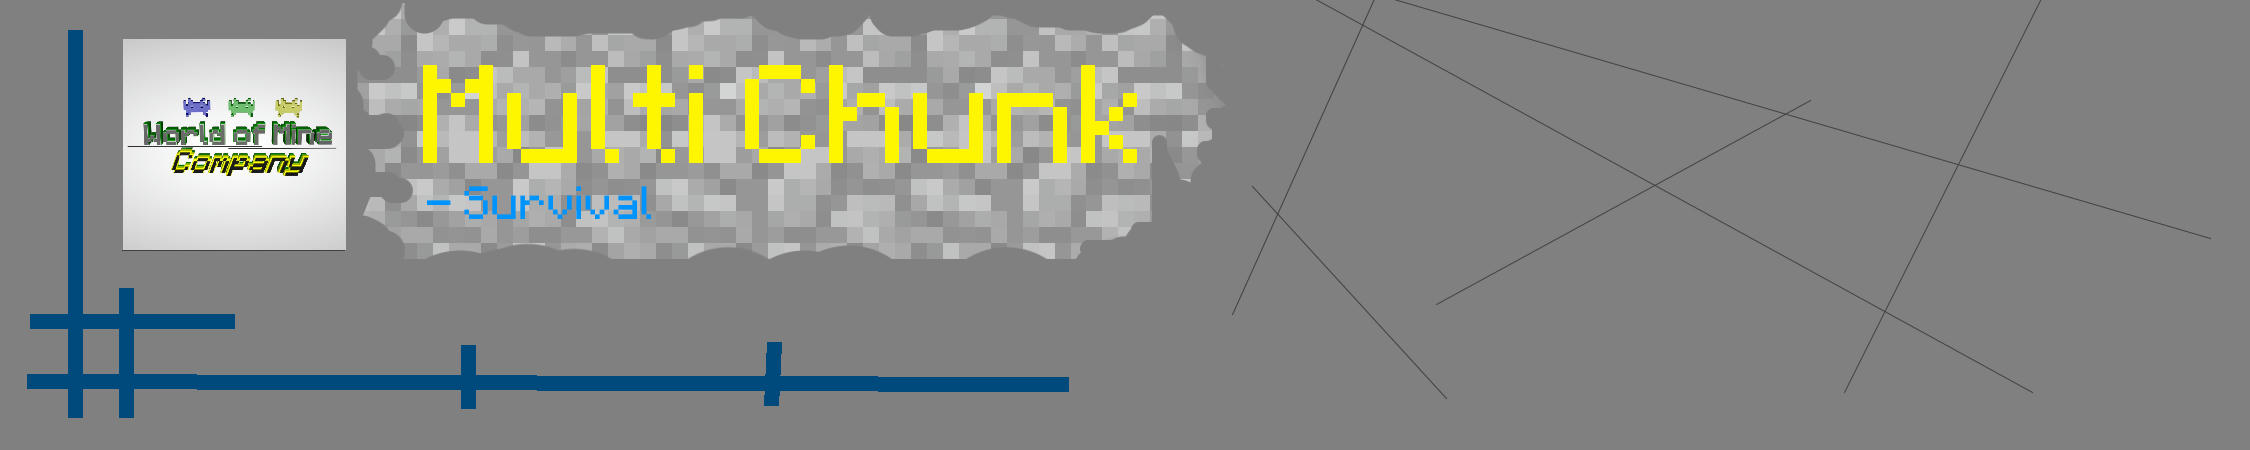 Multi Chunk